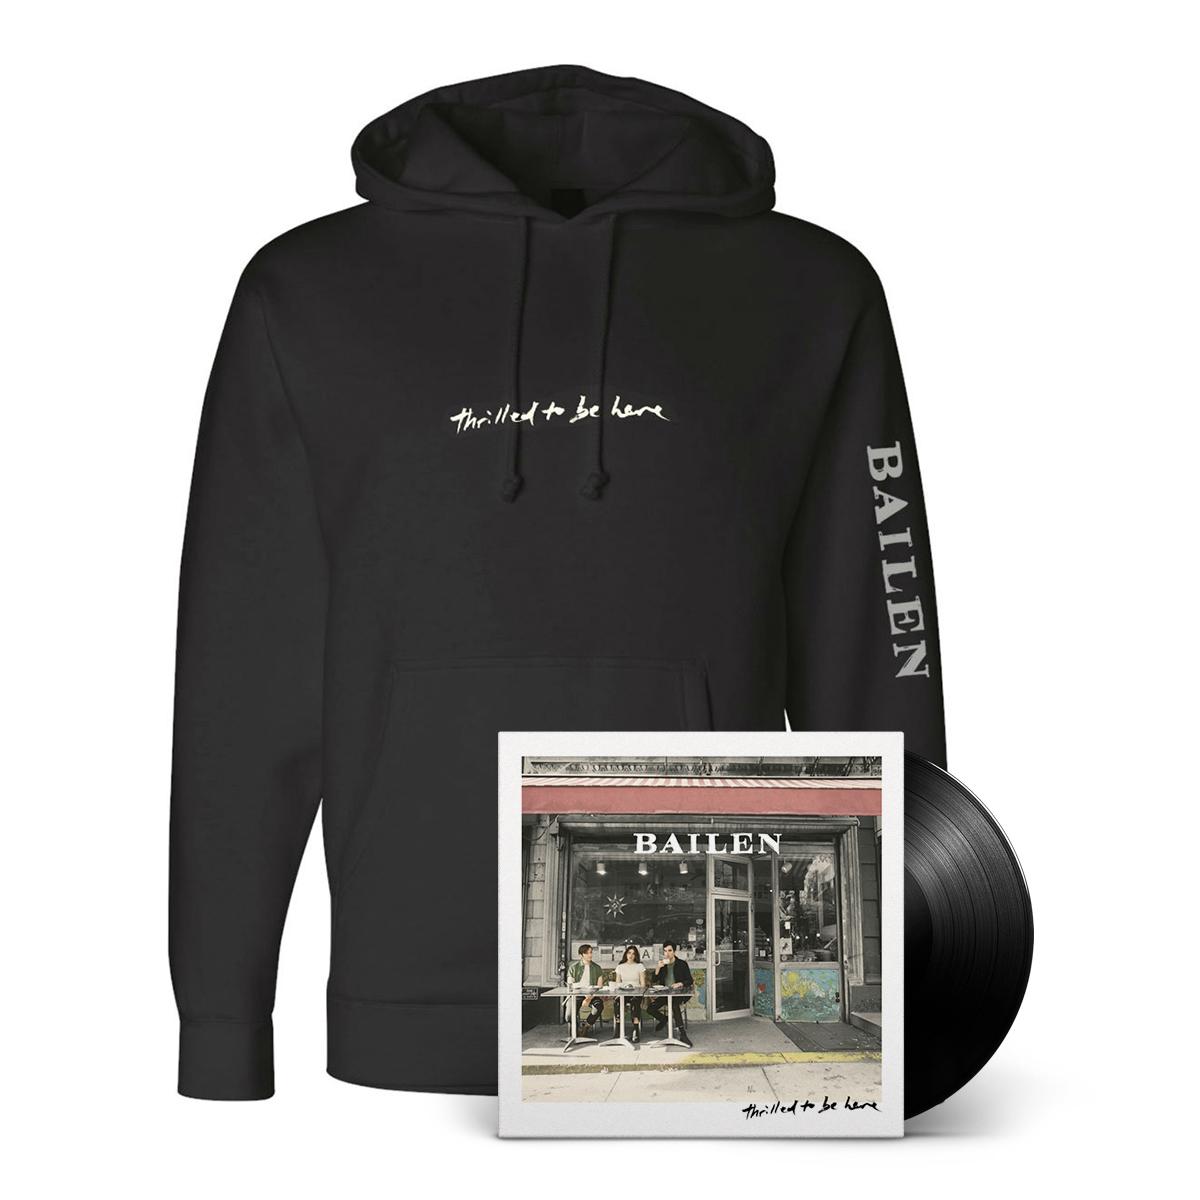 SIGNED LP + Hoodie